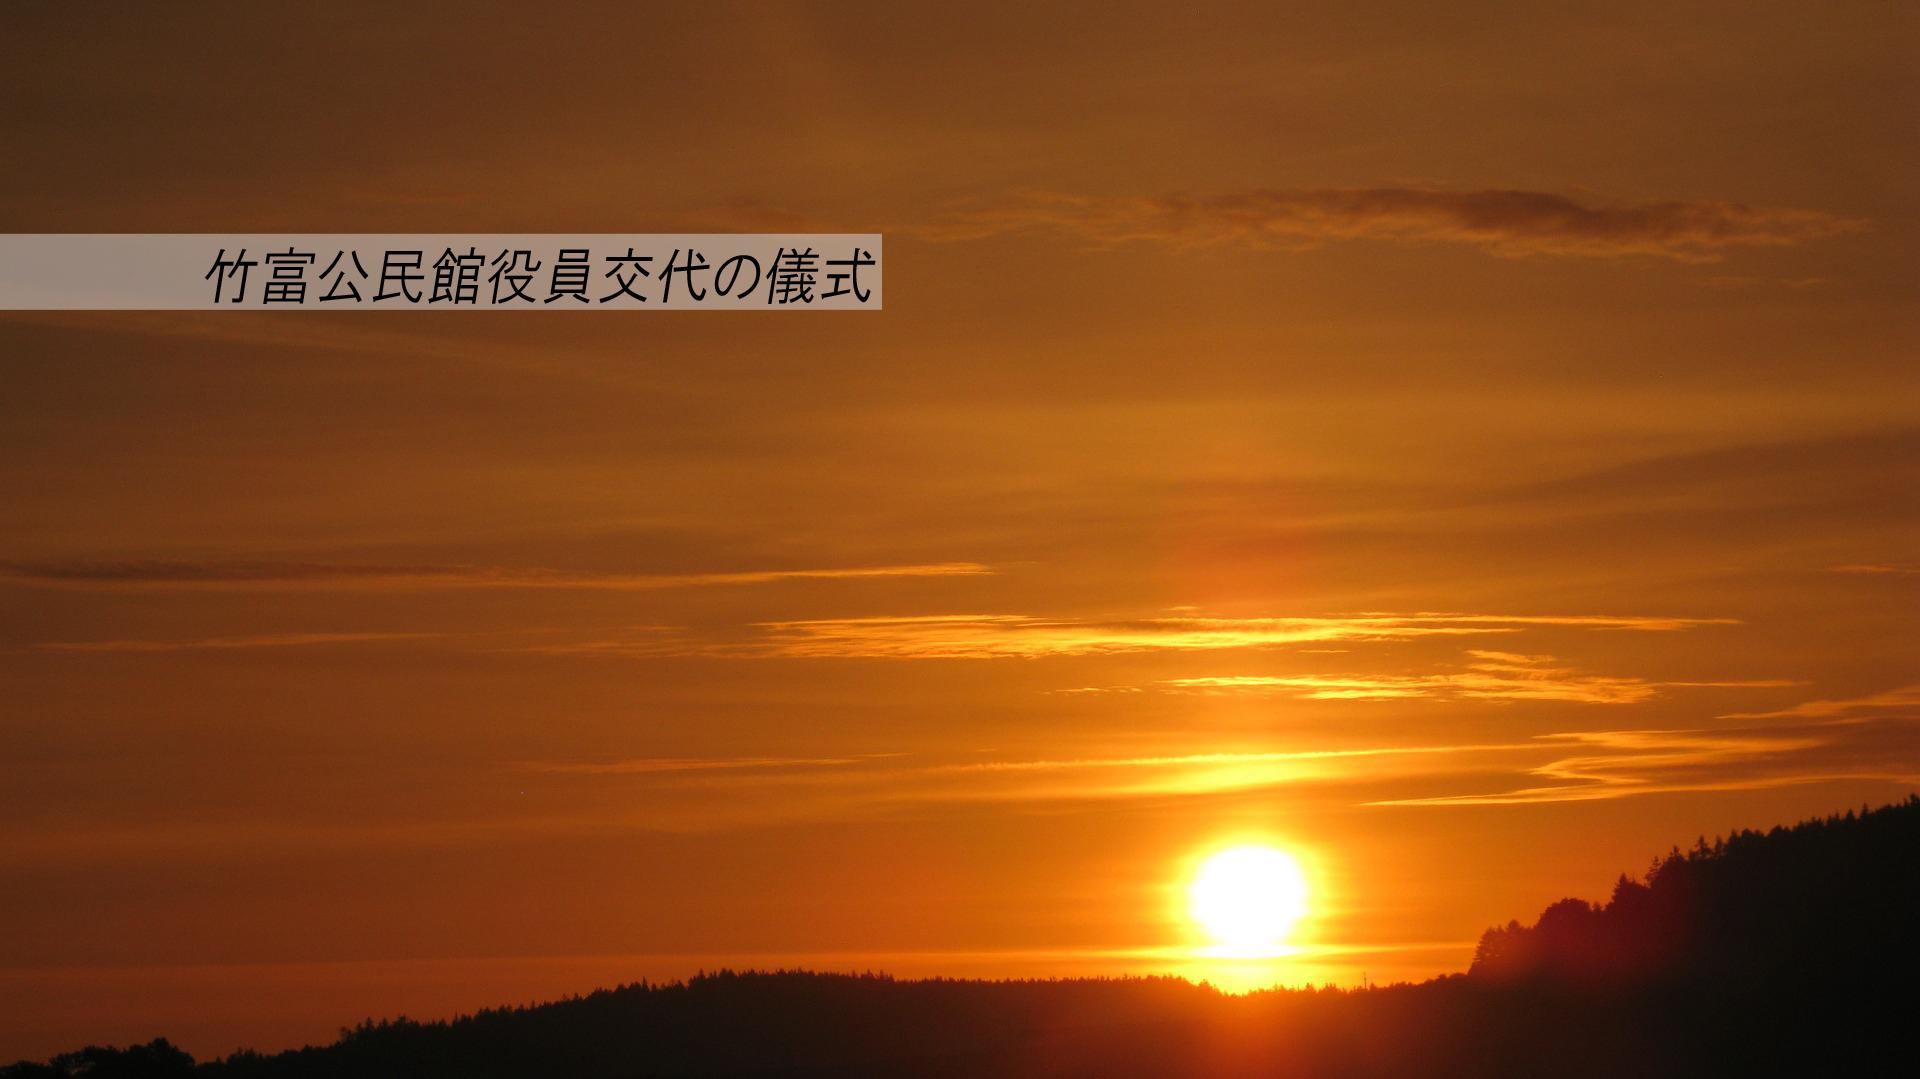 竹富公民館役員交代の儀式